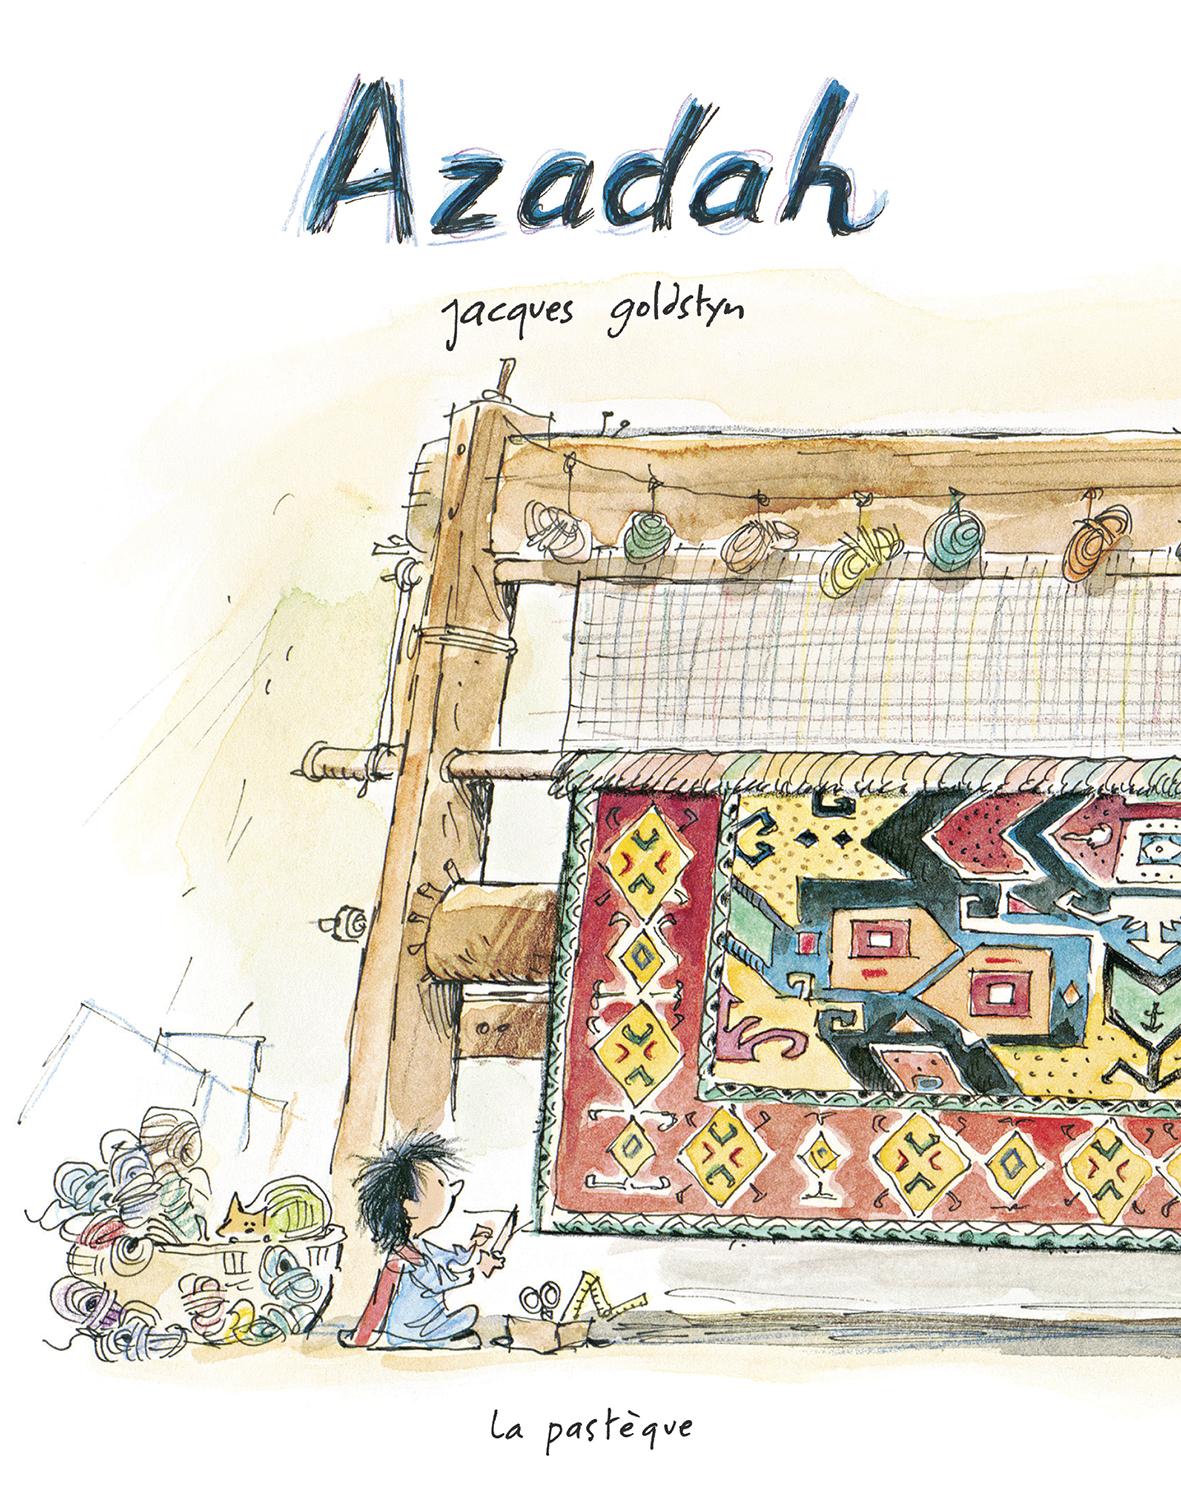 Résultats de recherche d'images pour «jacques goldstyn azadah»